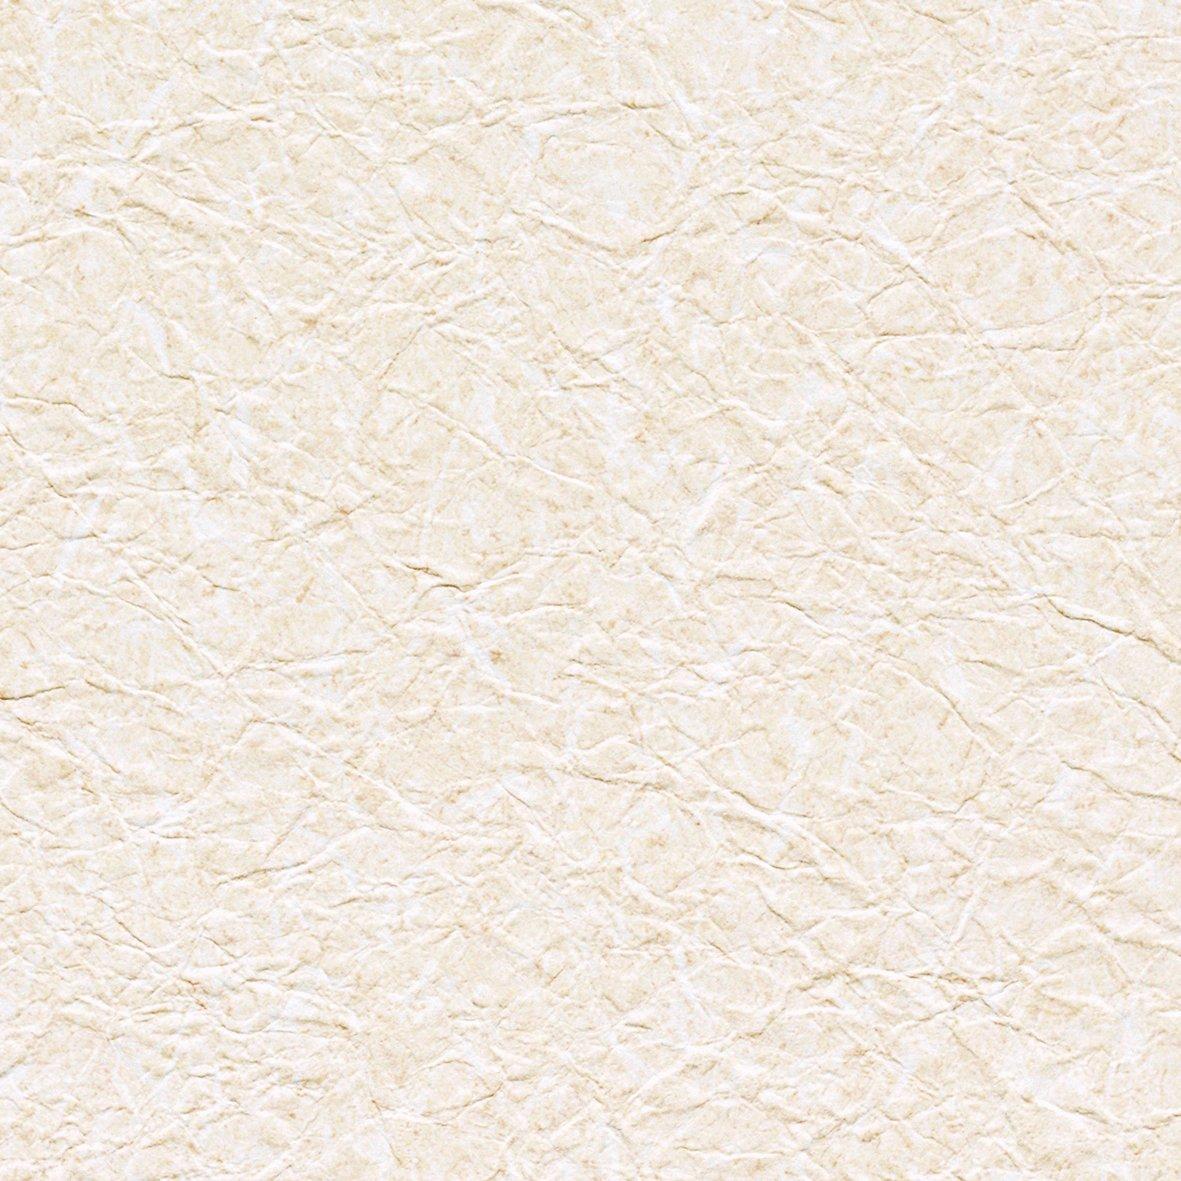 ファッションの 壁紙42m リリカラ シンフル 42m B01ihouanw Lb 9062 和